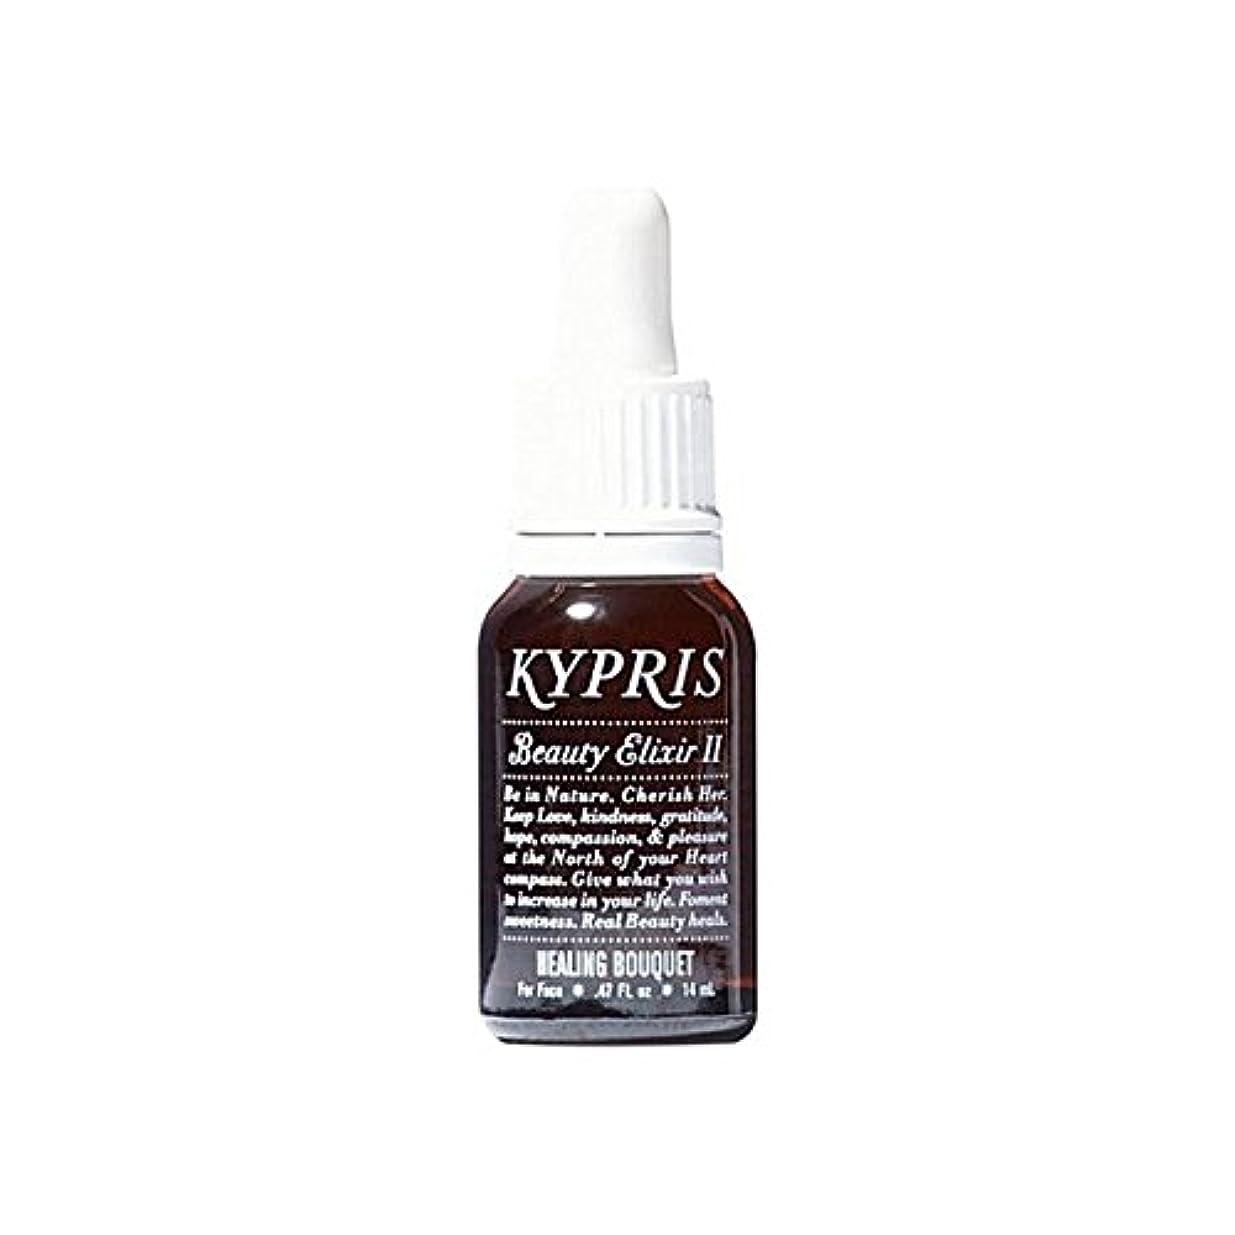 本土引数戦術美容エリクサー - 癒しの花束 x4 - Kypris Beauty Elixir Ii - Healing Bouquet (Pack of 4) [並行輸入品]